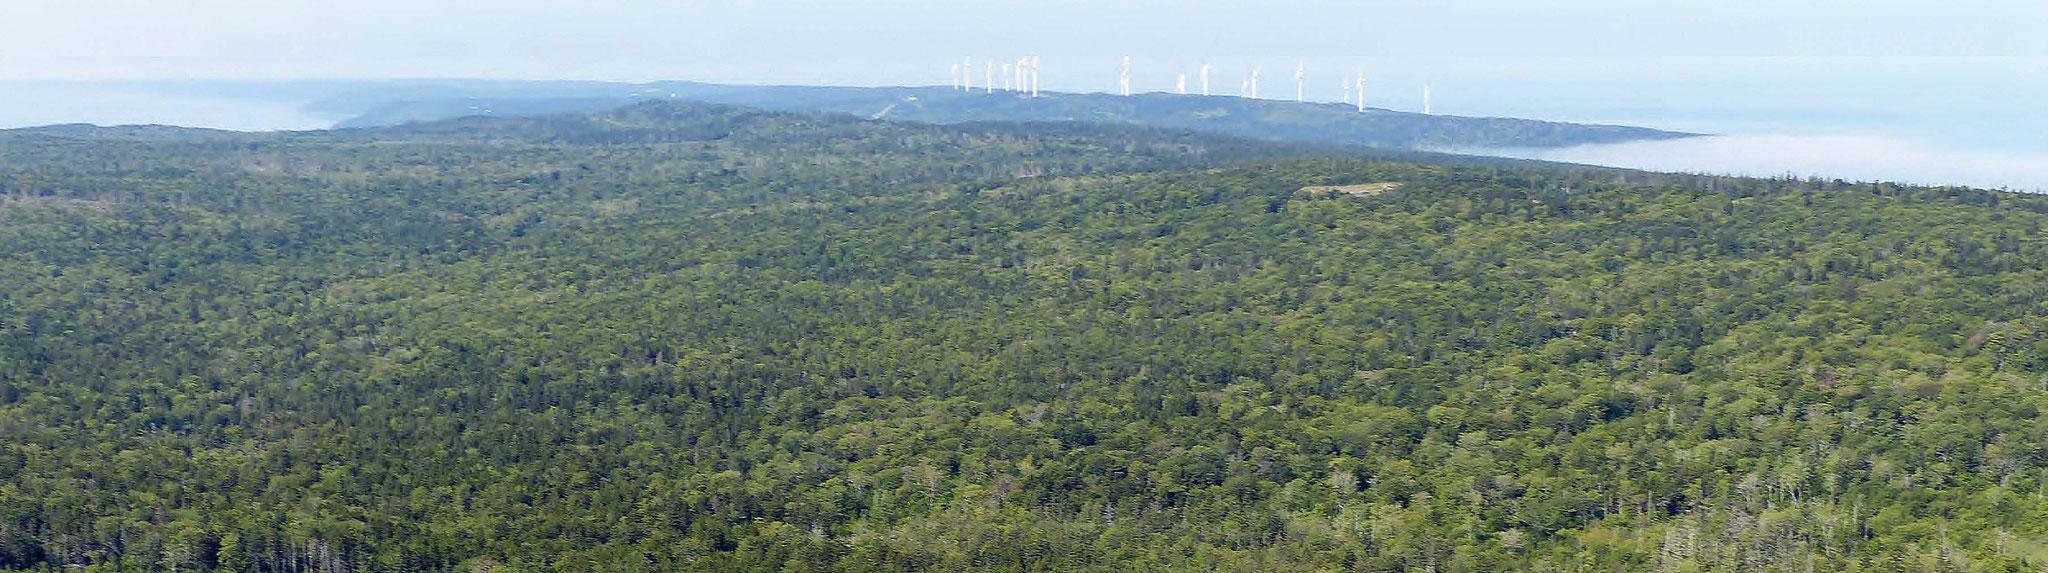 title:Digby Forest,title2:Wald mit Ufer,provinz:Nova Scotia,bezirk:Digby,art:Mischwald,flaeche:1.724 ha,ufer:3.085 Meter,preis:auf Anfrage